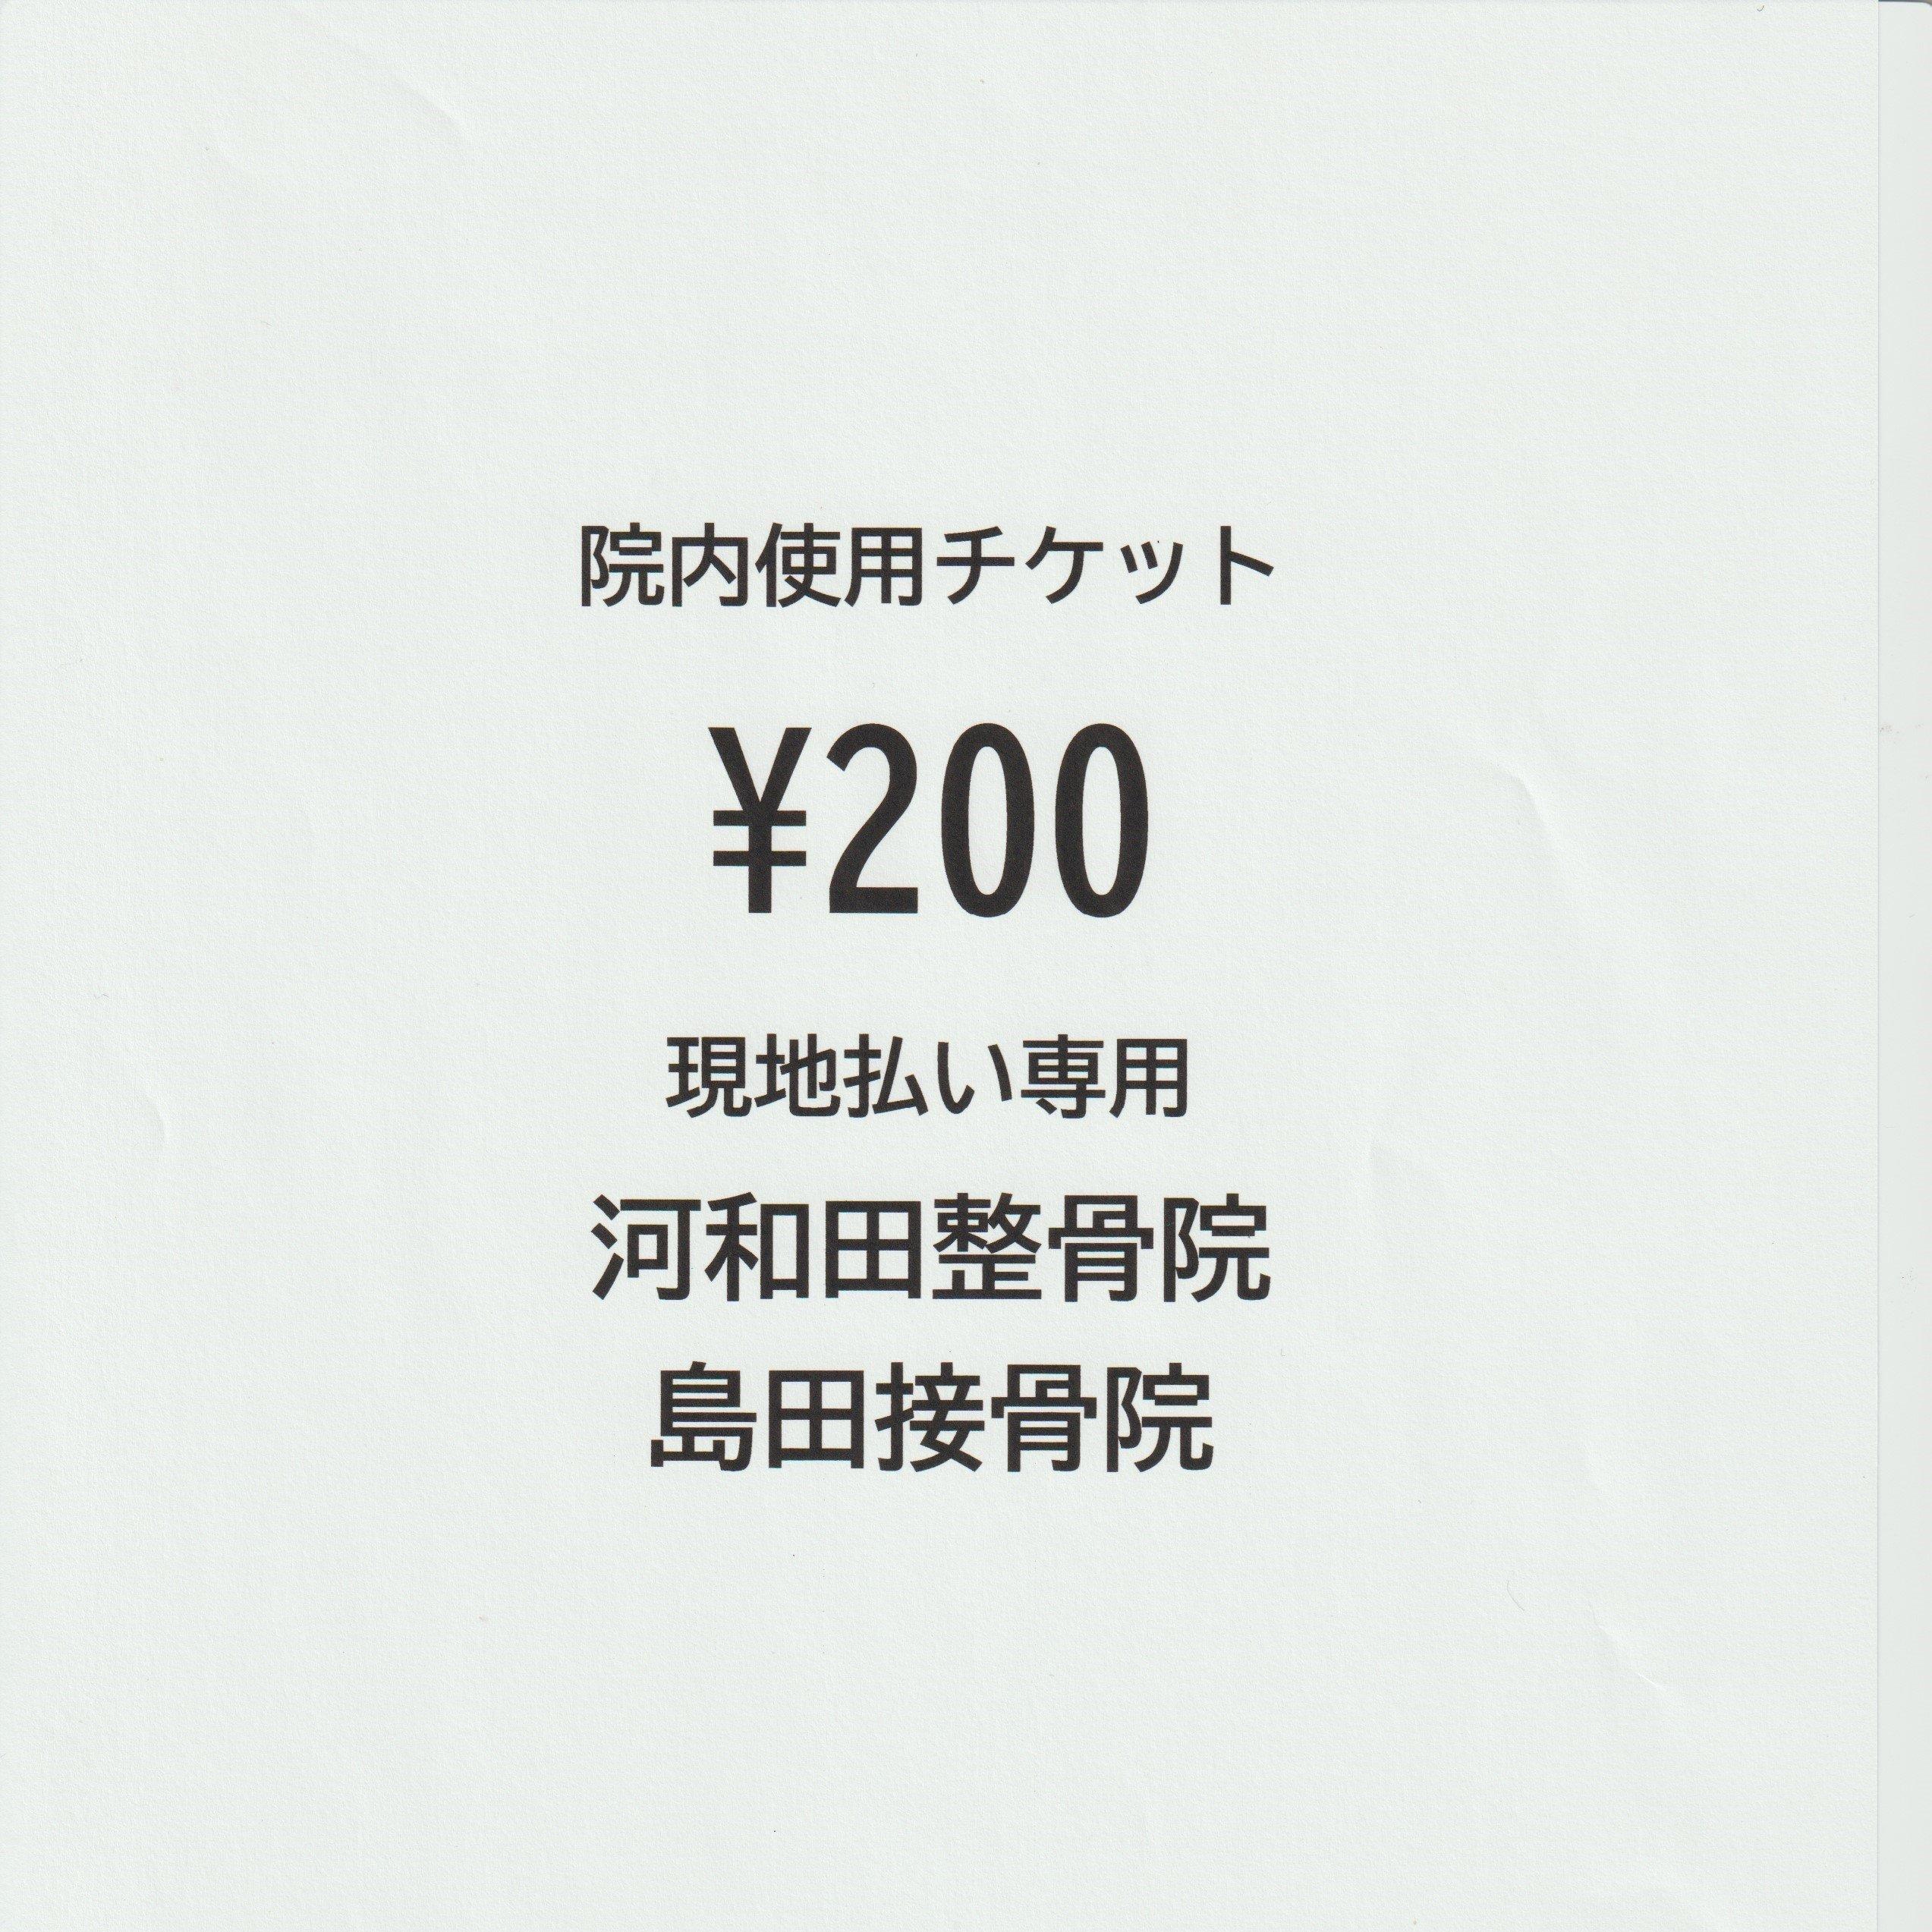 河和田整骨院、島田接骨院共通、現地支払いチケットのイメージその1